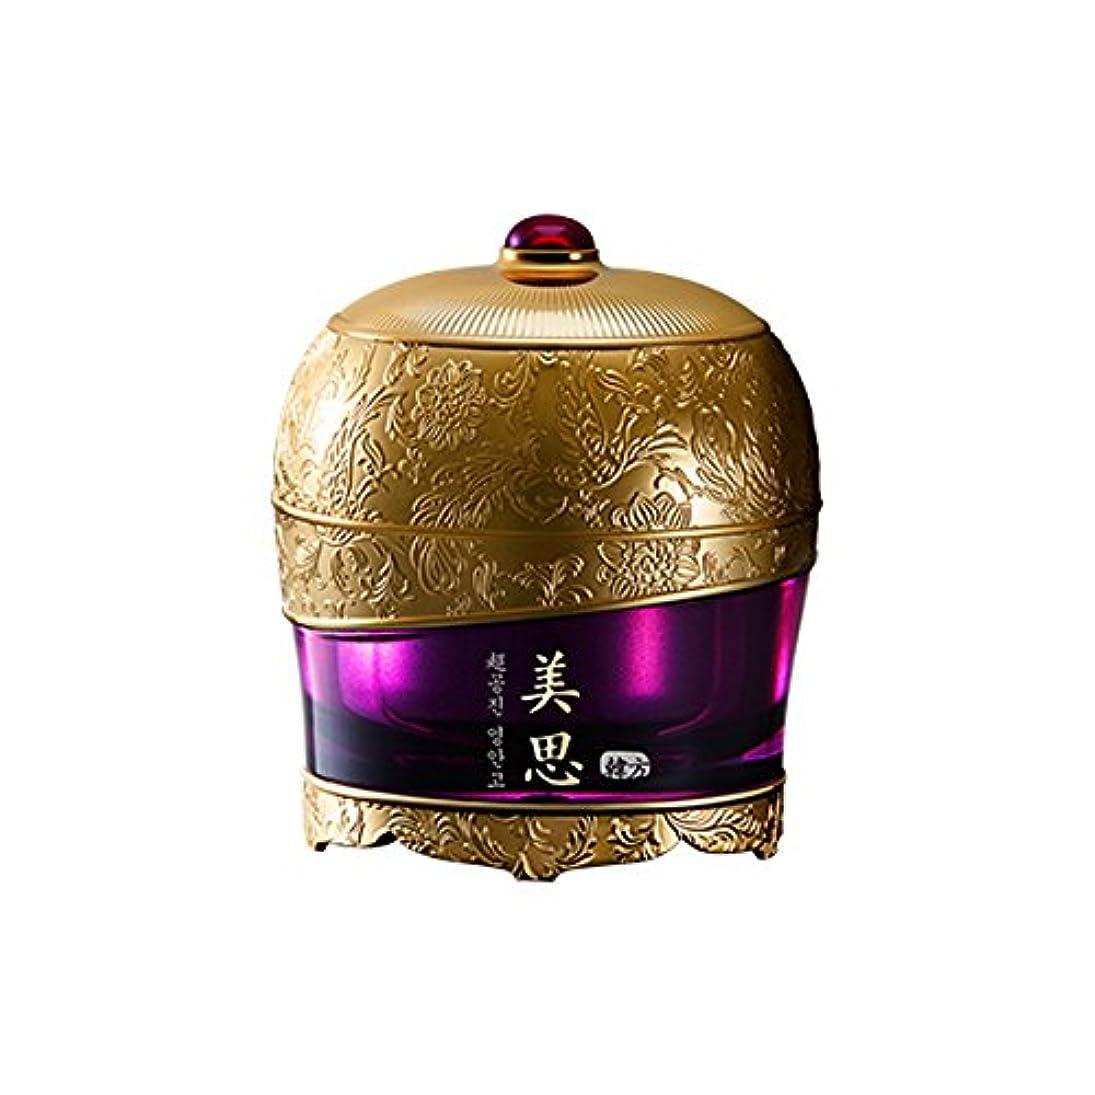 位置づけるシェード重荷MISSHA(ミシャ)★美思 韓方 旧チョボヤン (超)チョゴンジン 栄養クリーム 基礎化粧品 スキンケア